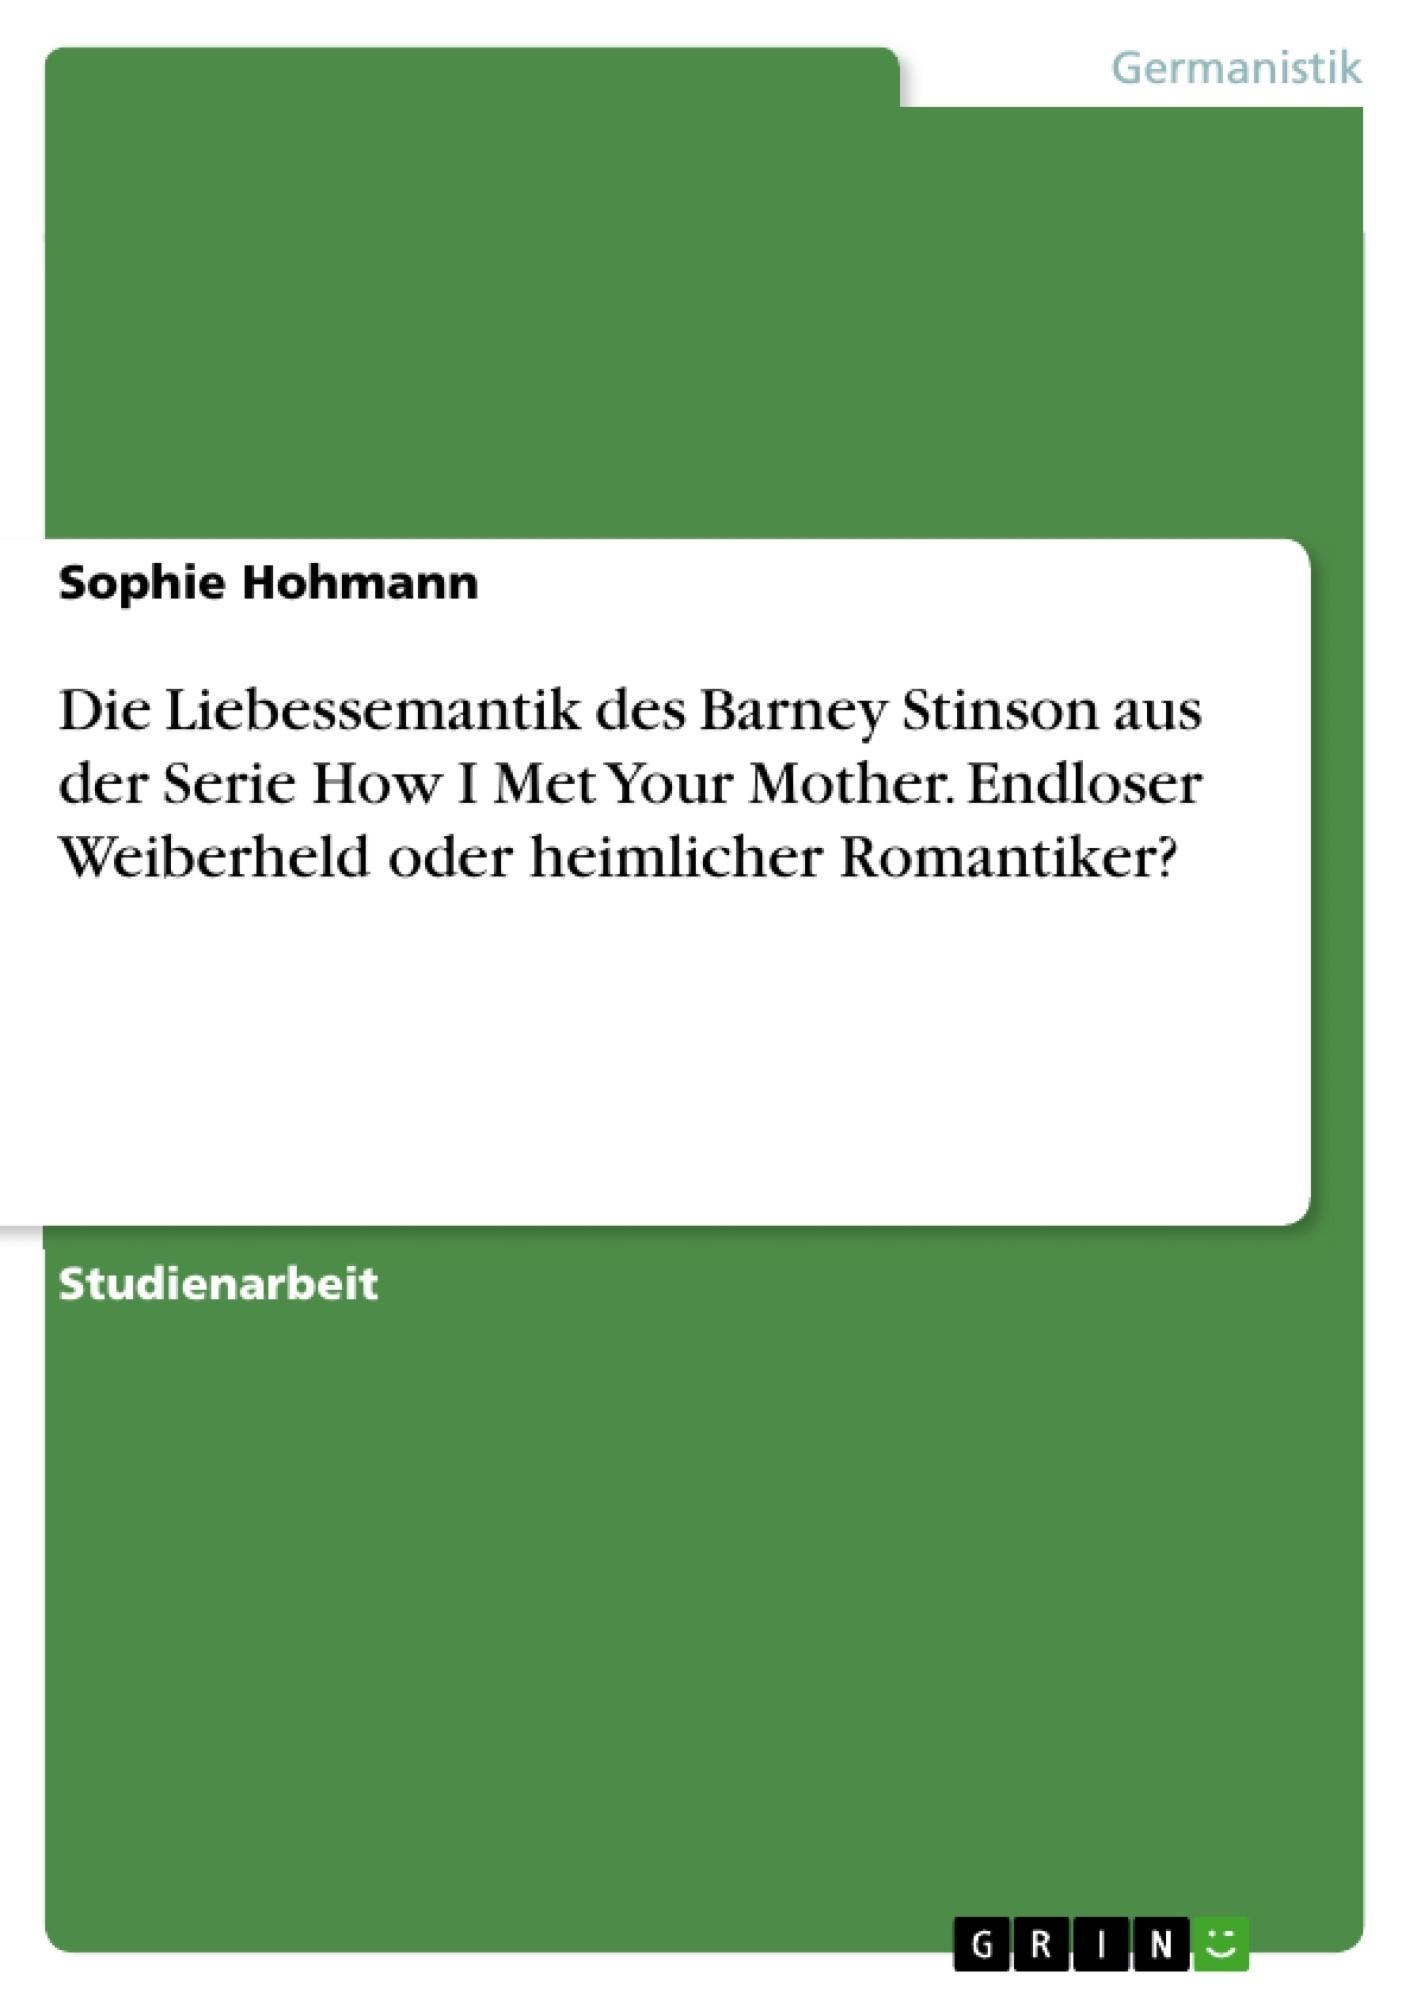 Titel: Die Liebessemantik des Barney Stinson aus der Serie How I Met Your Mother. Endloser Weiberheld oder heimlicher Romantiker?